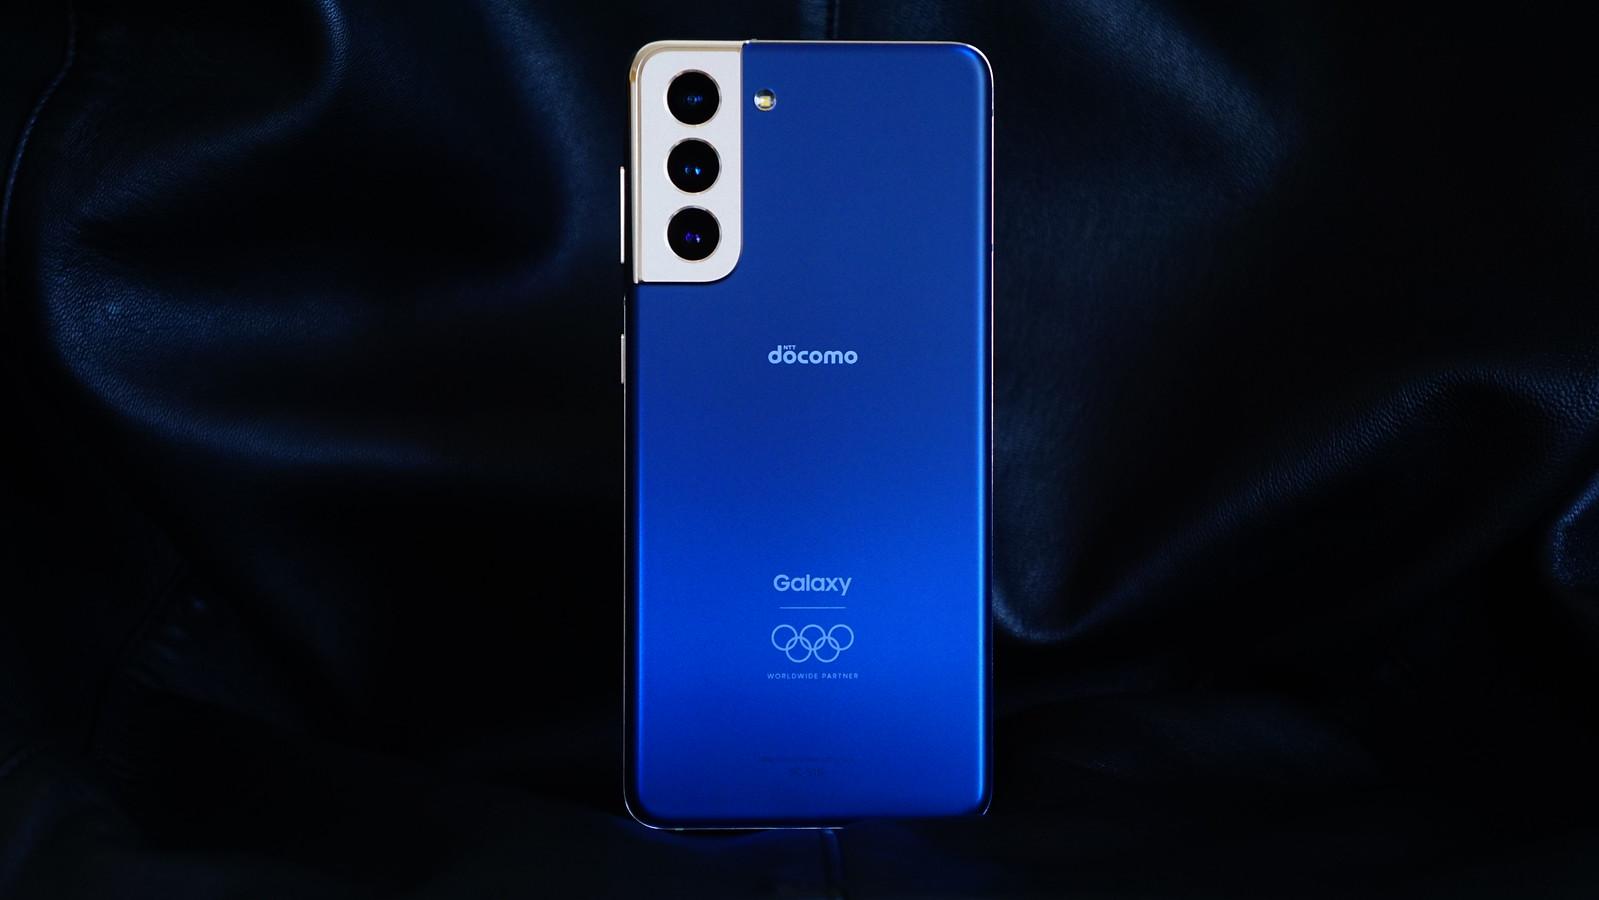 違いは?東京オリンピック限定モデル「Galaxy S21 5G Olympic Games Edition」フォトレビュー